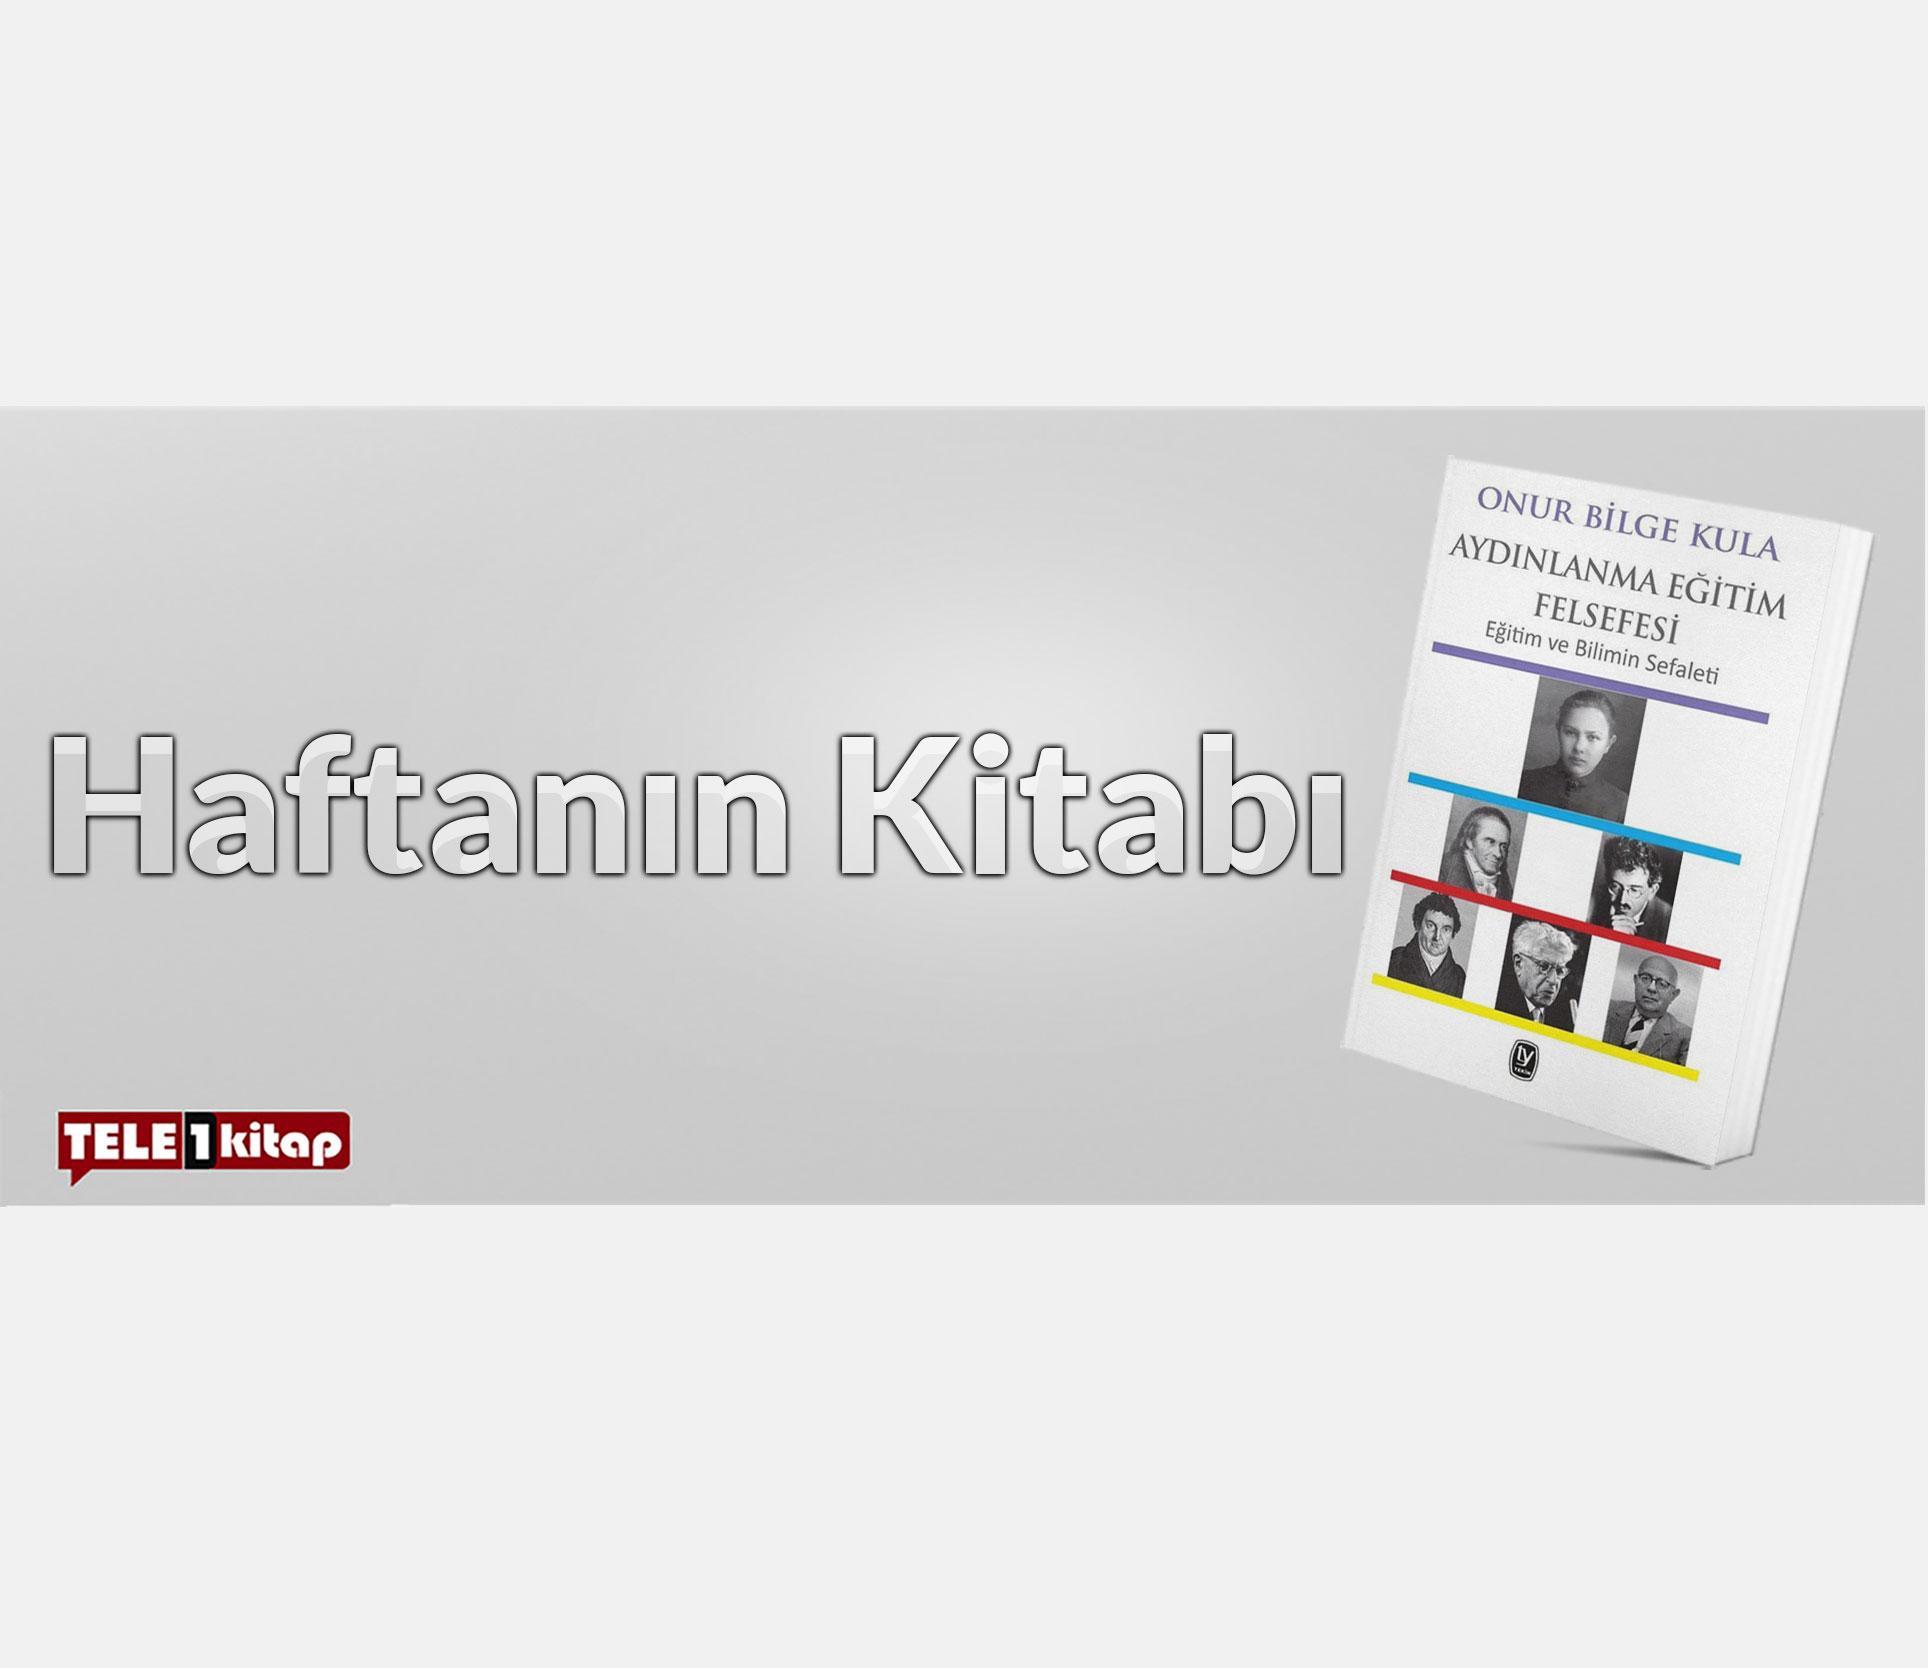 Haftanın Kitabı | Onur Bilge Kula-Aydınlanma Eğitim Felsefesi-Eğitim ve Bilimin Sefaleti